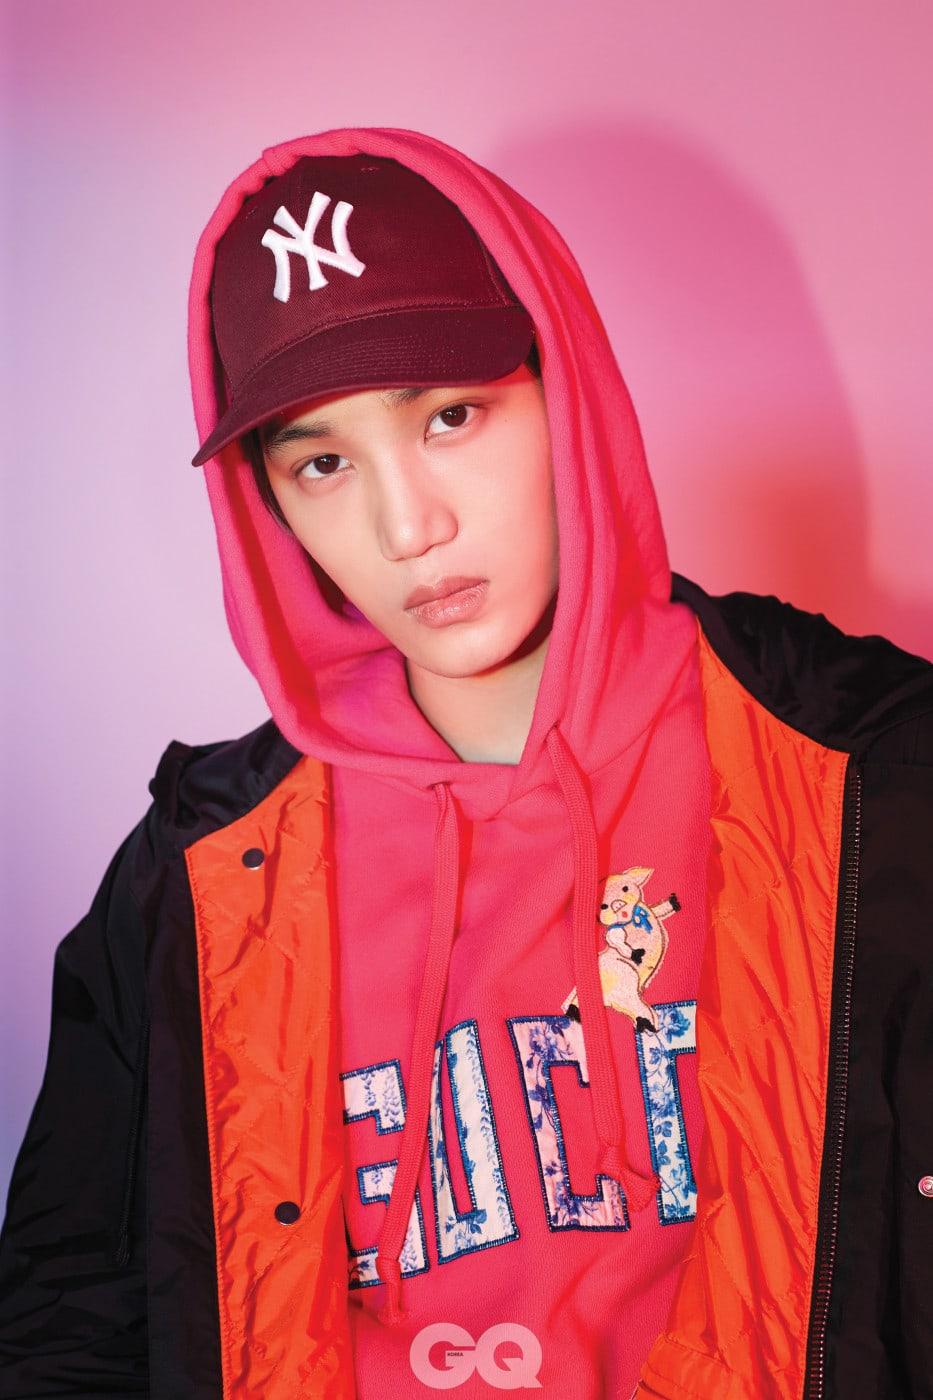 피글렛 스웨트 셔츠 1백70만원, 패치 장식 나일론 재킷 3백10만원, 뉴욕 양키스 야구 모자 71만원, 모두 구찌.